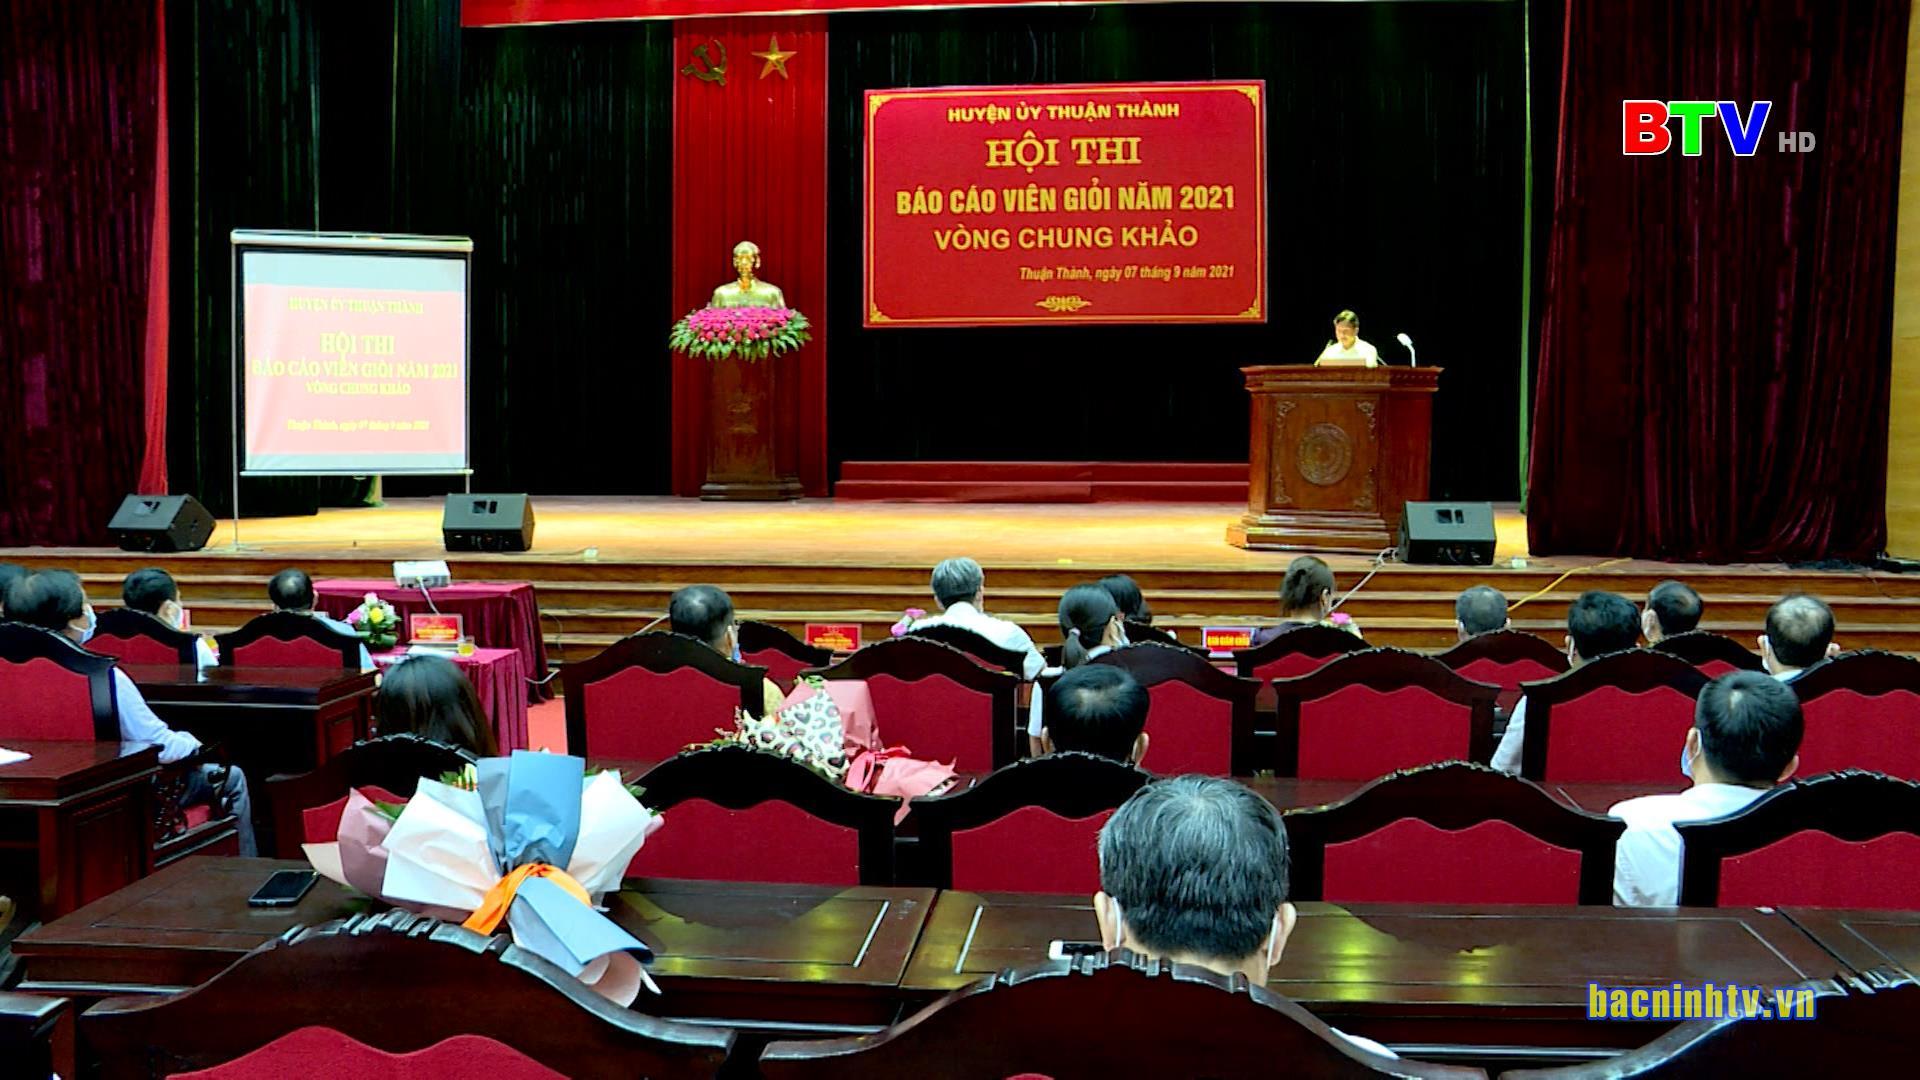 Thuận Thành tổ chức chung khảo Hội thi Báo cáo viên giỏi năm 2021